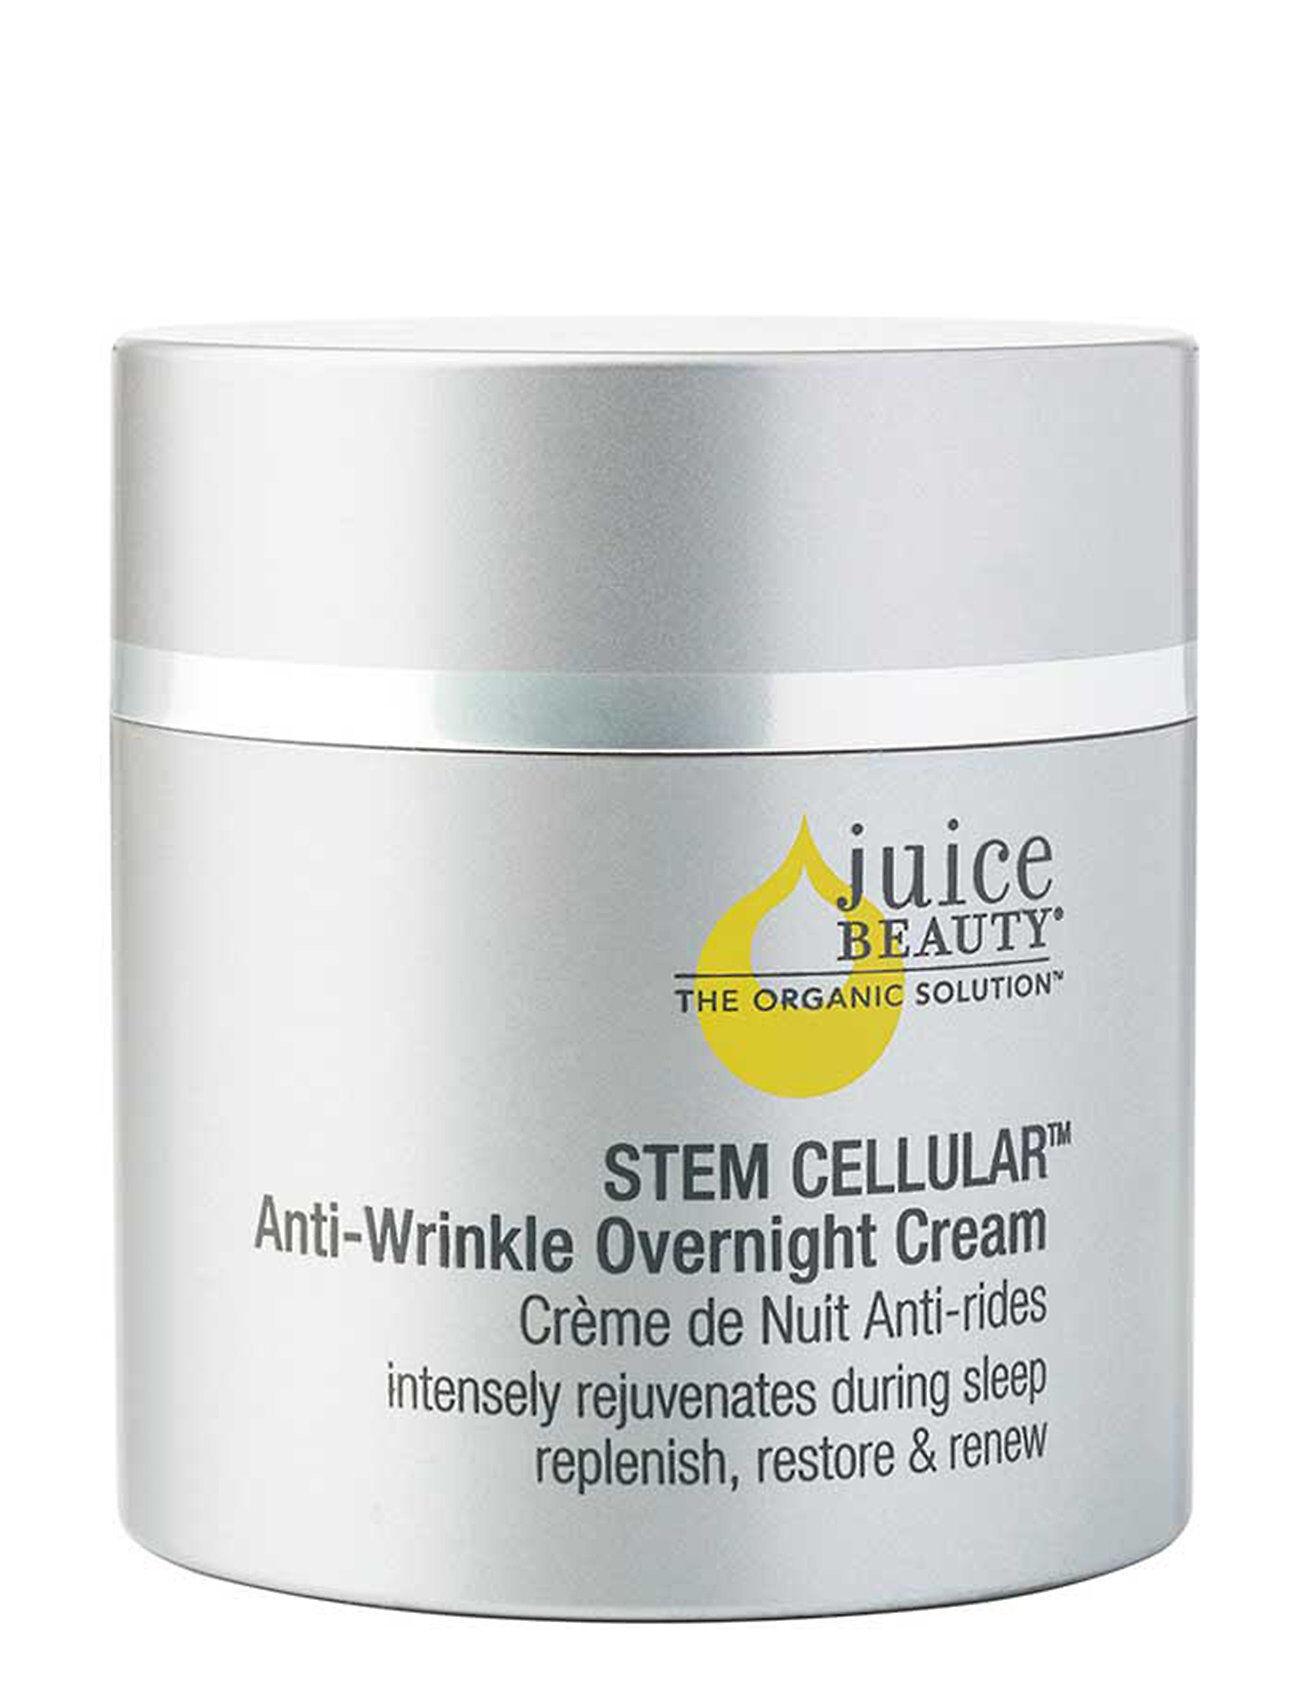 Juice Beauty Stem Cellular™ Anti-Wrinkle Overnight Cream